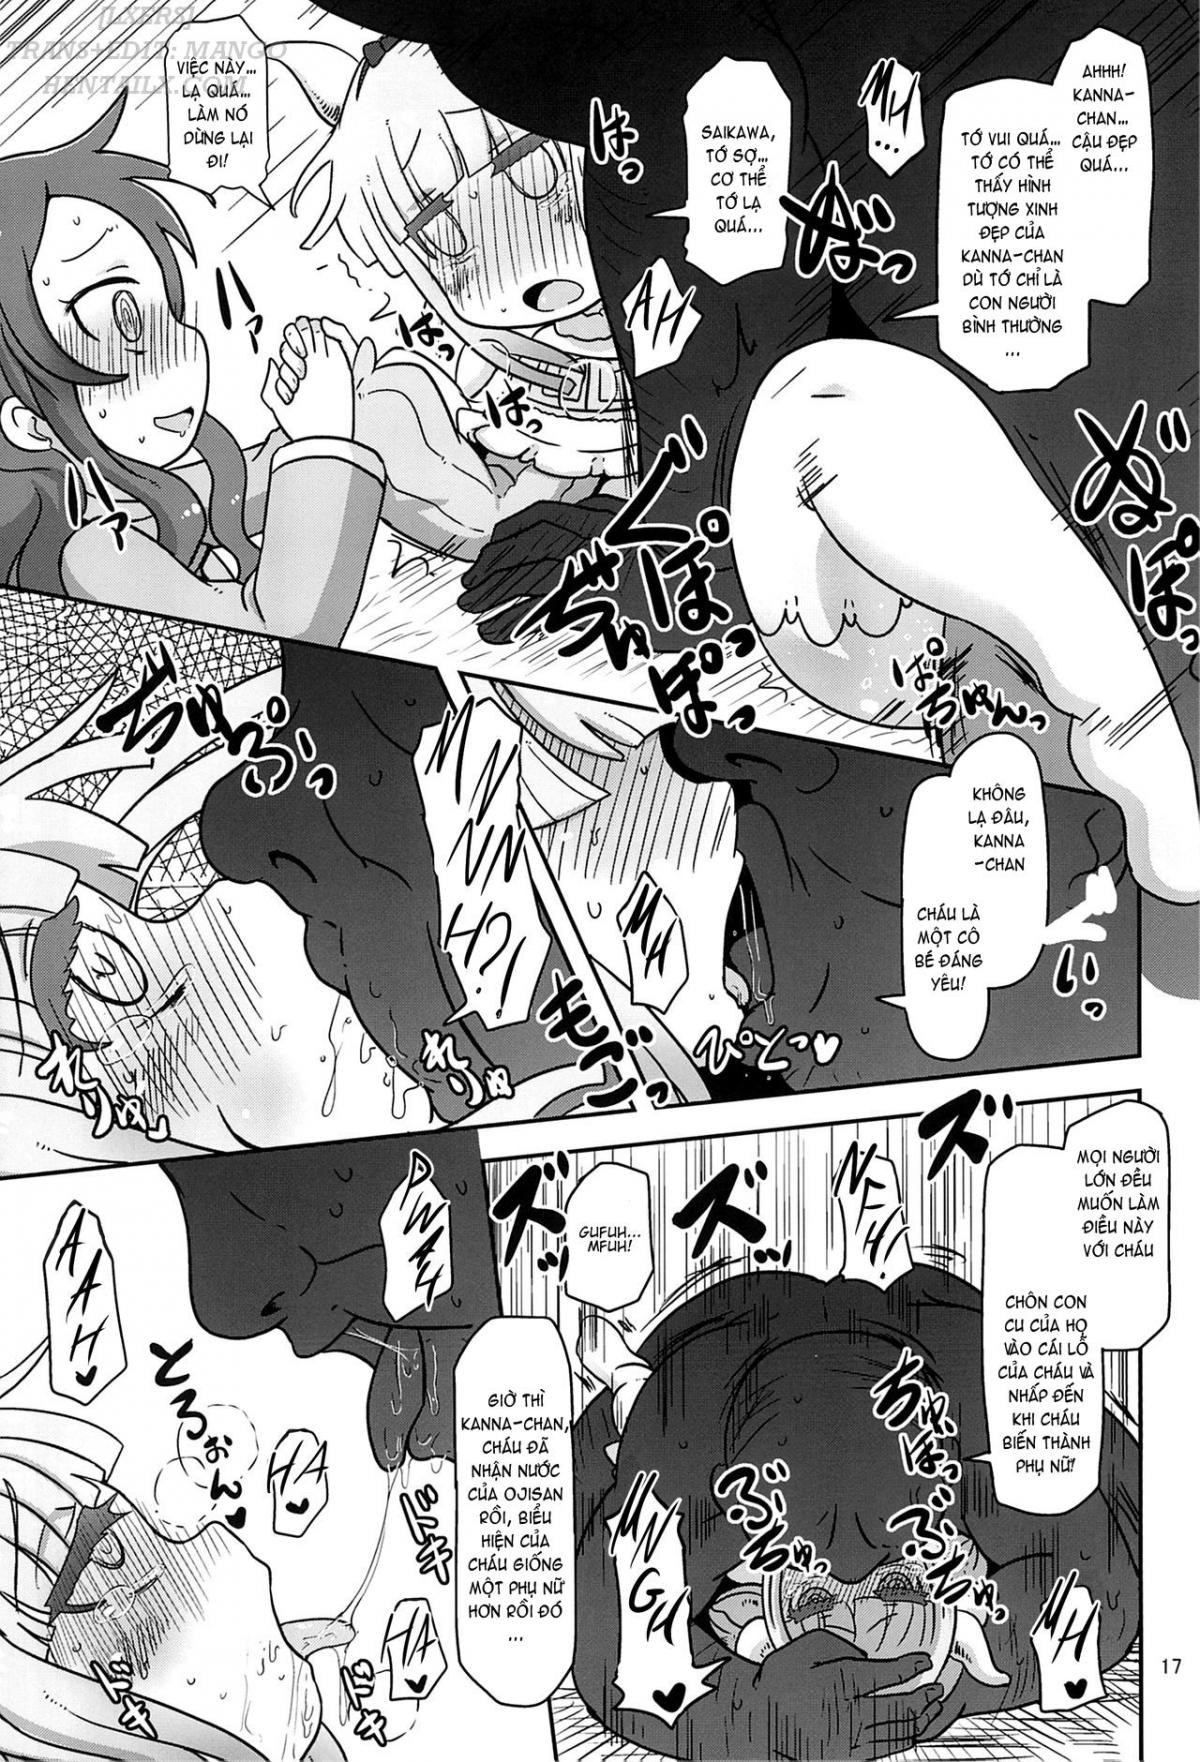 Hình ảnh 40329145591_4d5b6c3f11_o trong bài viết Dragonic Lolita Bomb